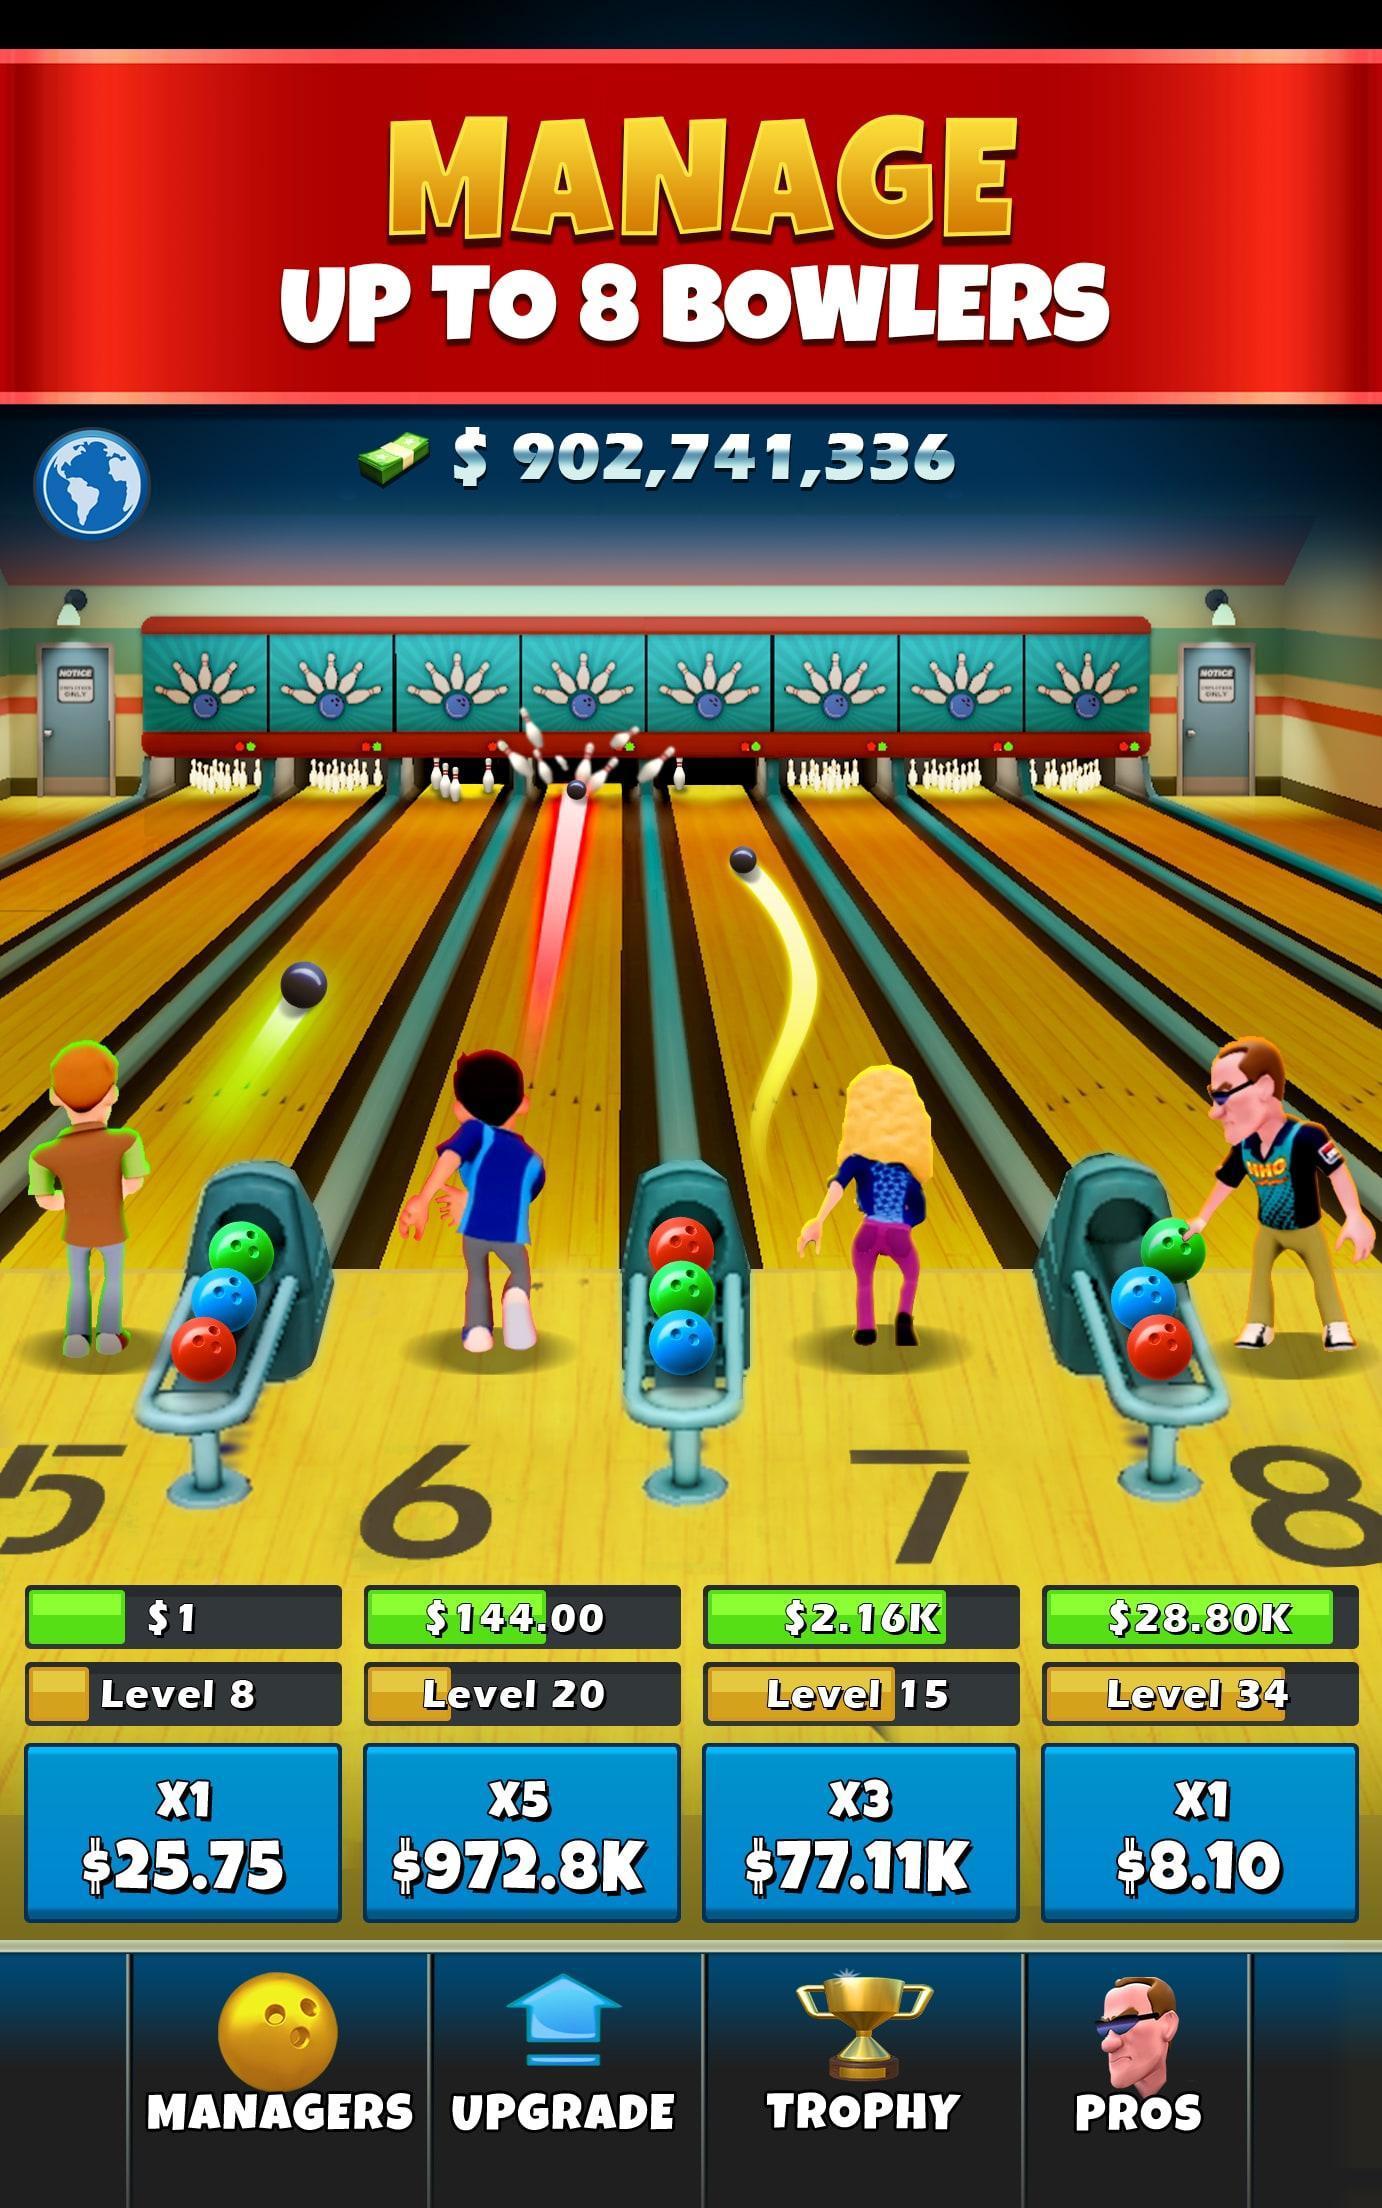 Idle Bowling Pour Android - Téléchargez L'apk pour Jeux Gratuits De Bowling